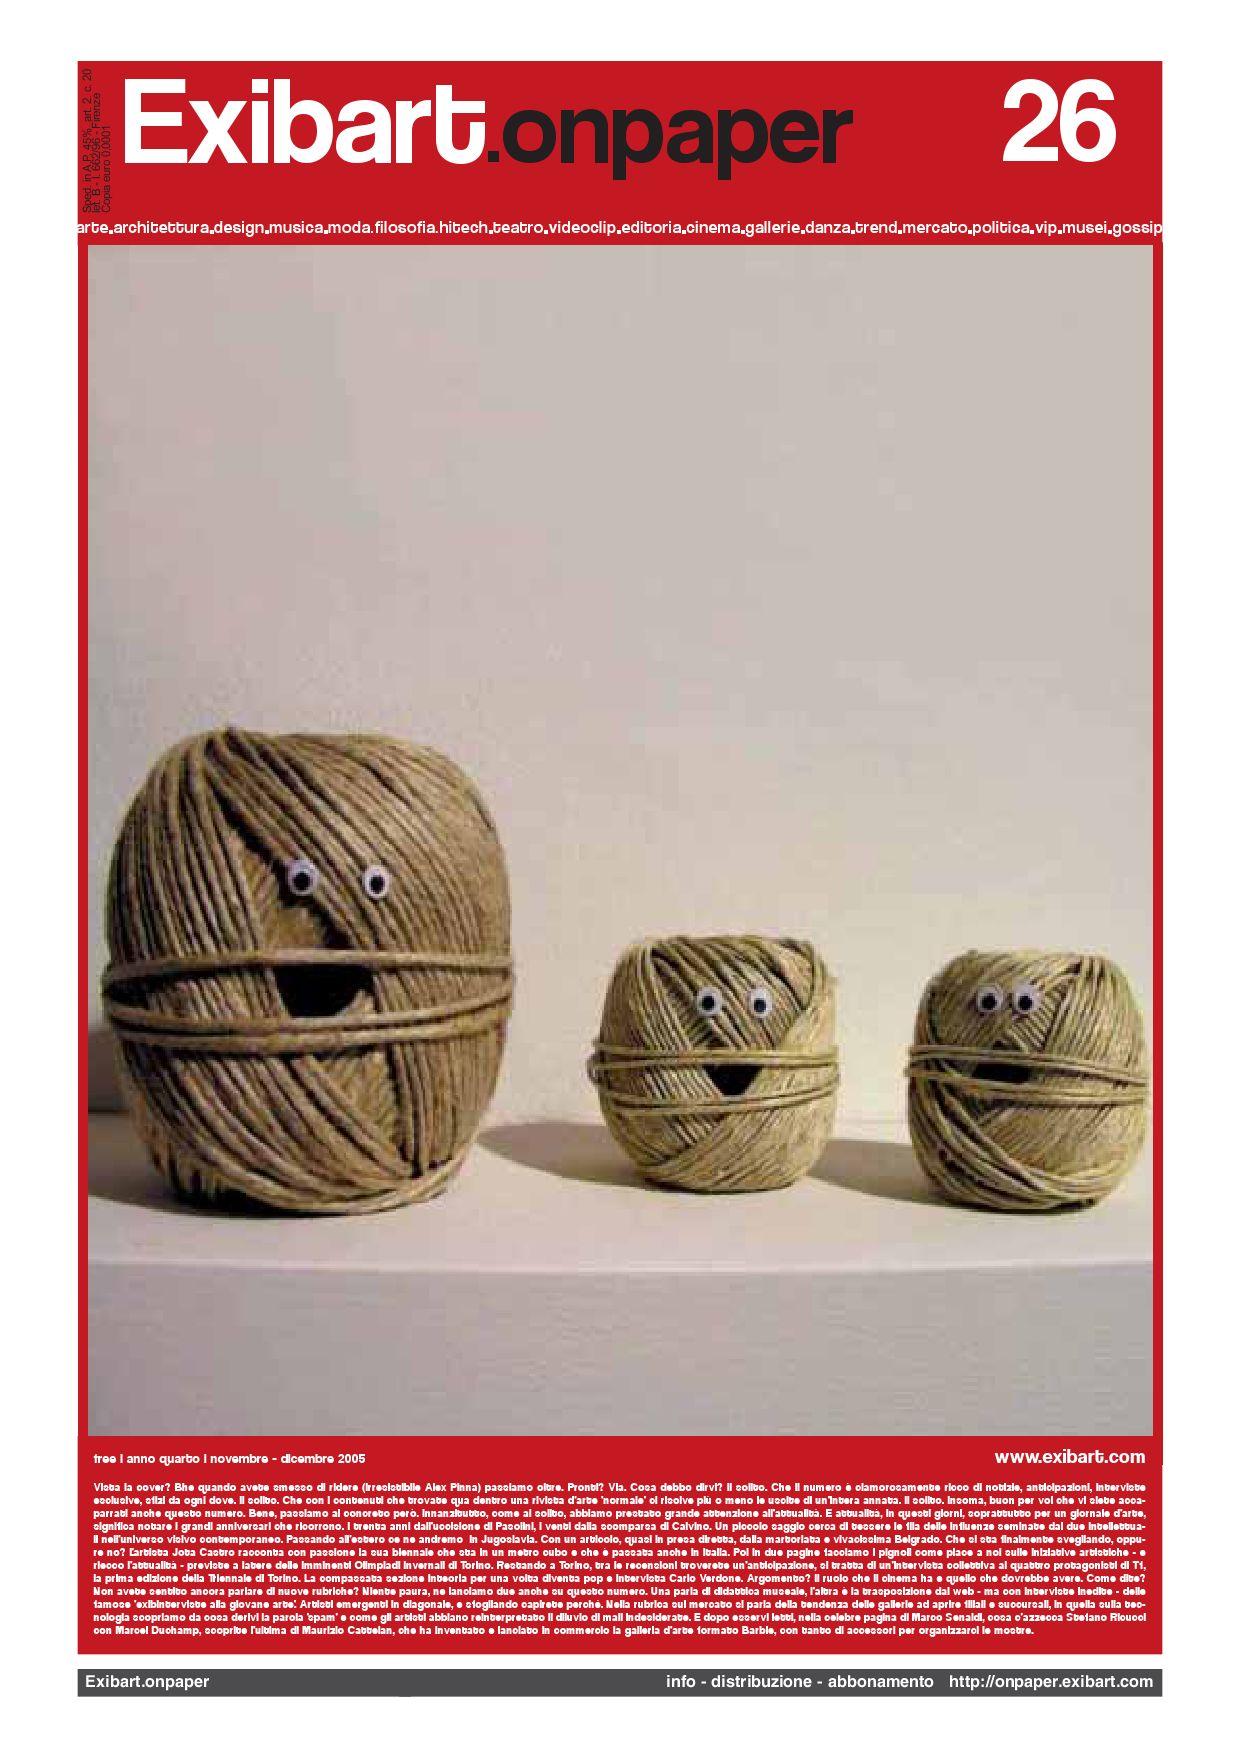 Exibart.onpaper n.26 by Exibart srl - issuu a01d0f456adf